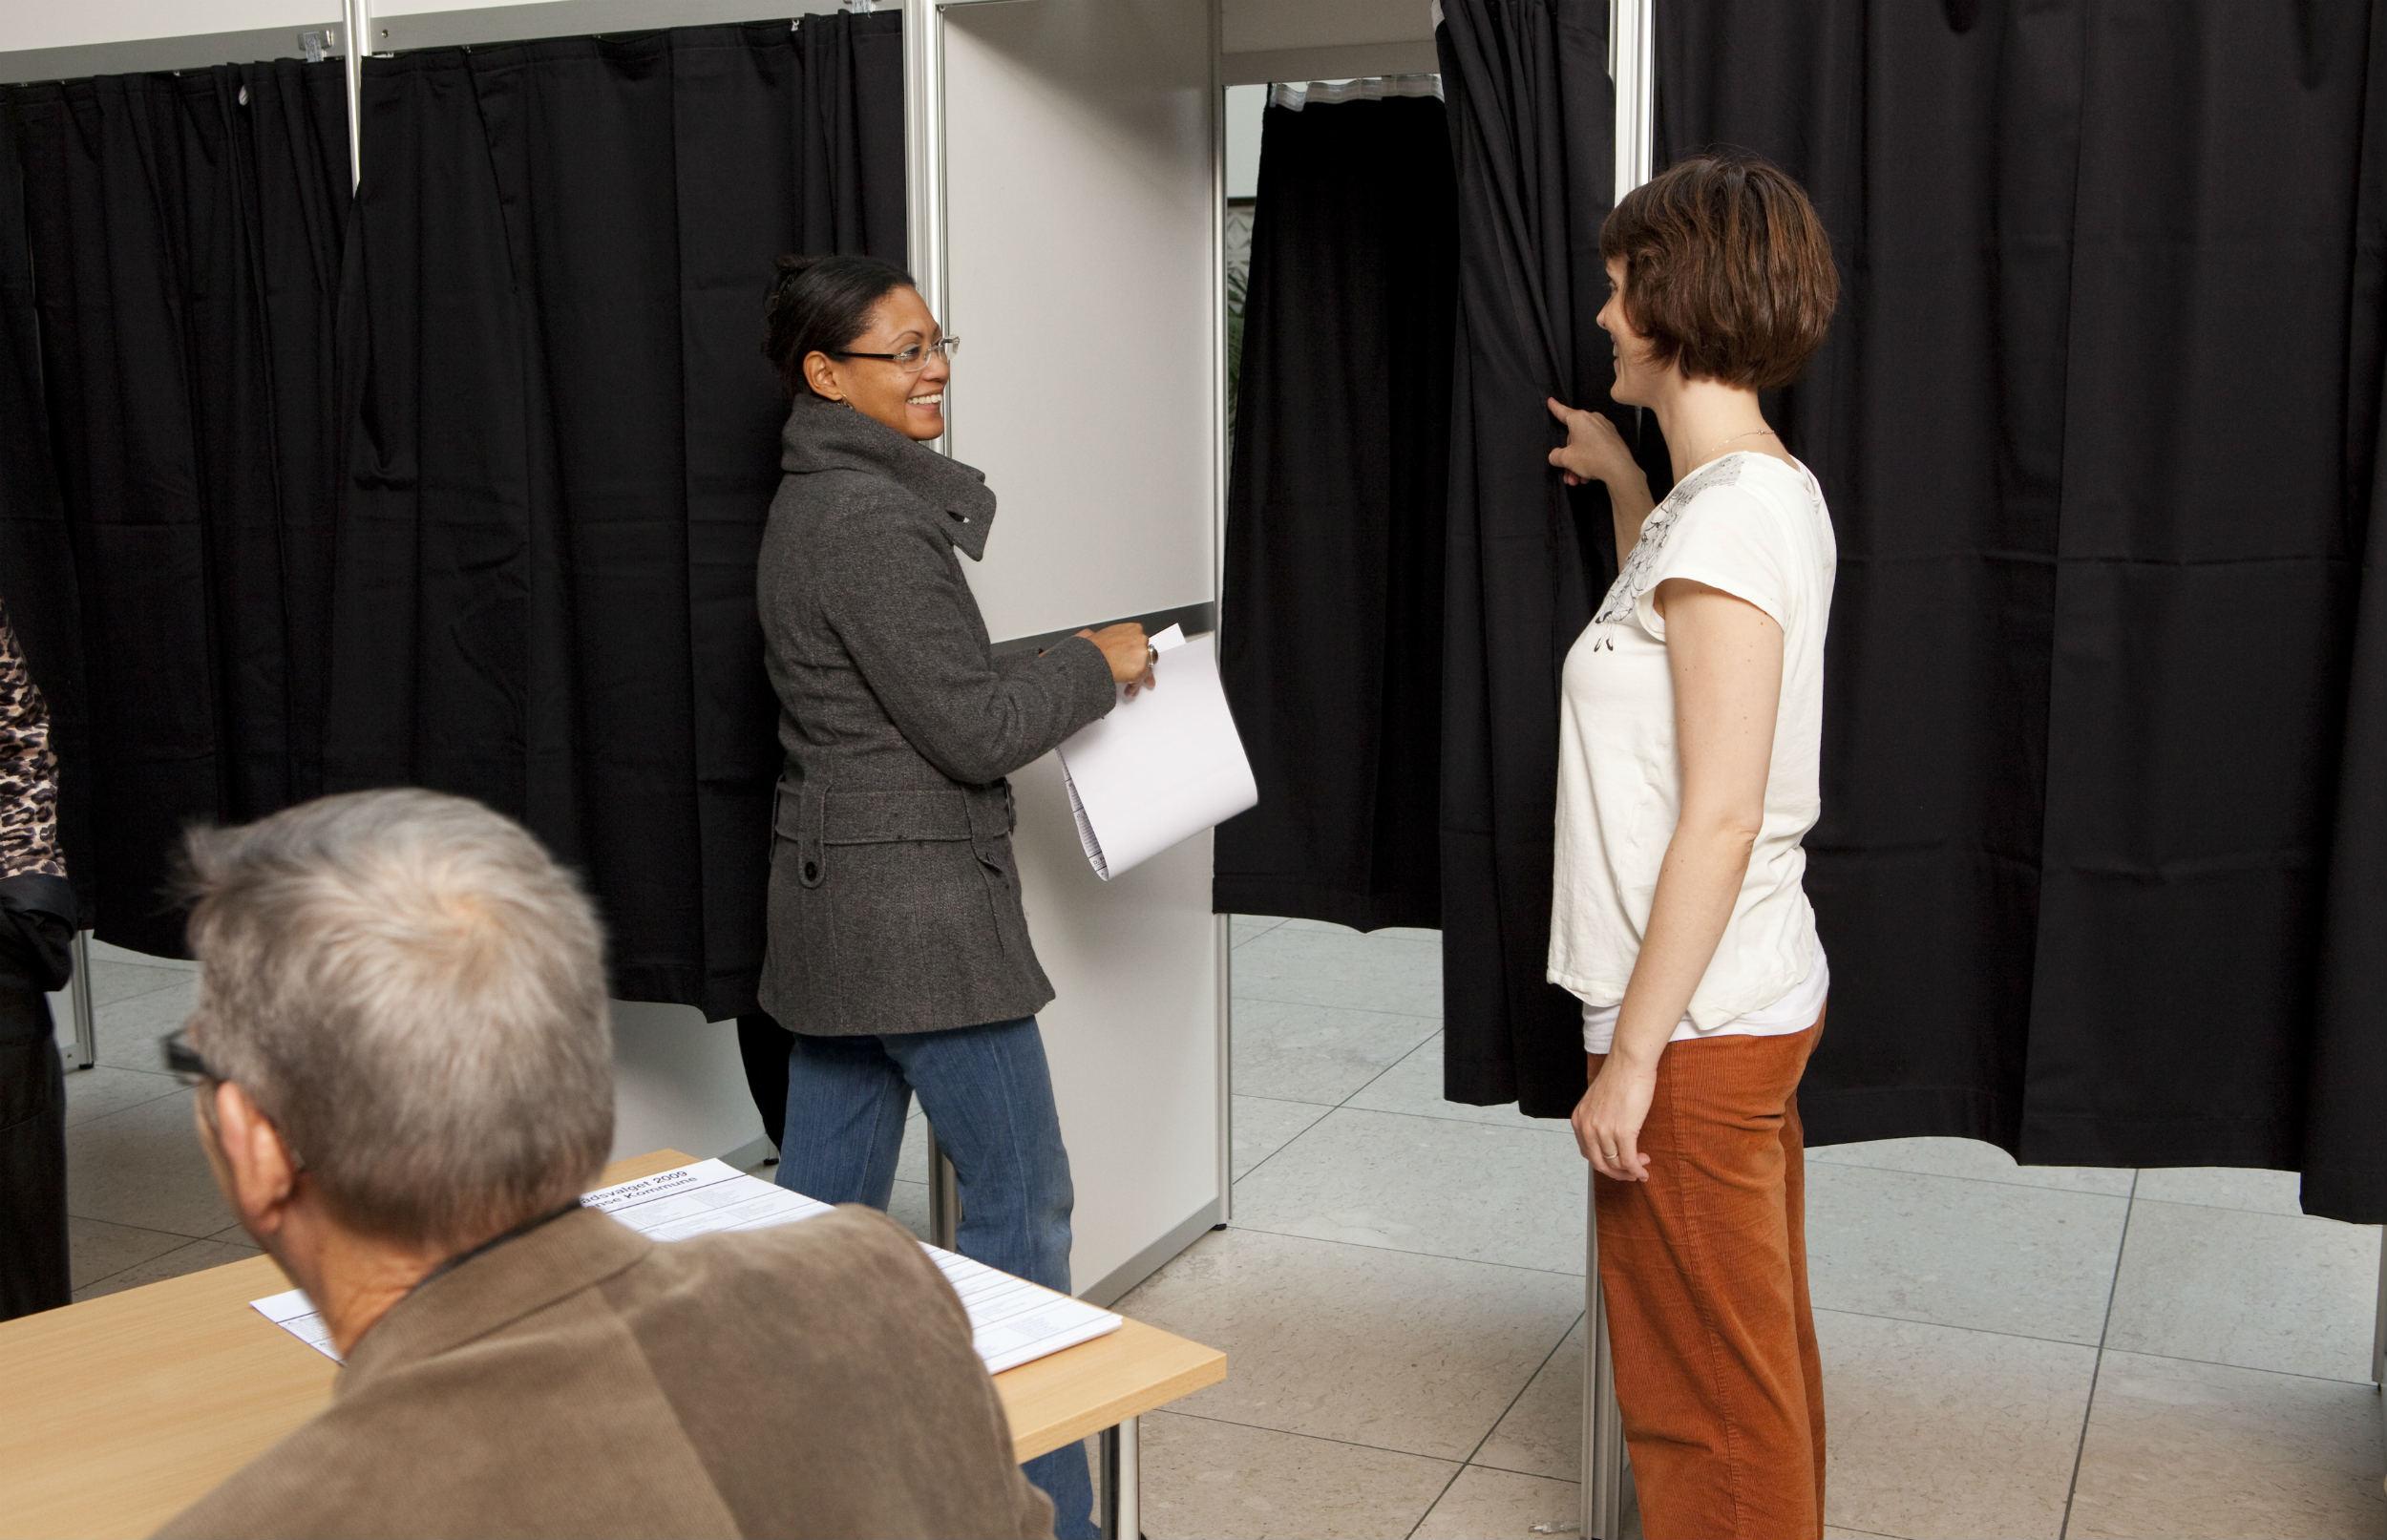 Vælgere: Klima og miljø er vigtigere end flygtninge og udlændinge